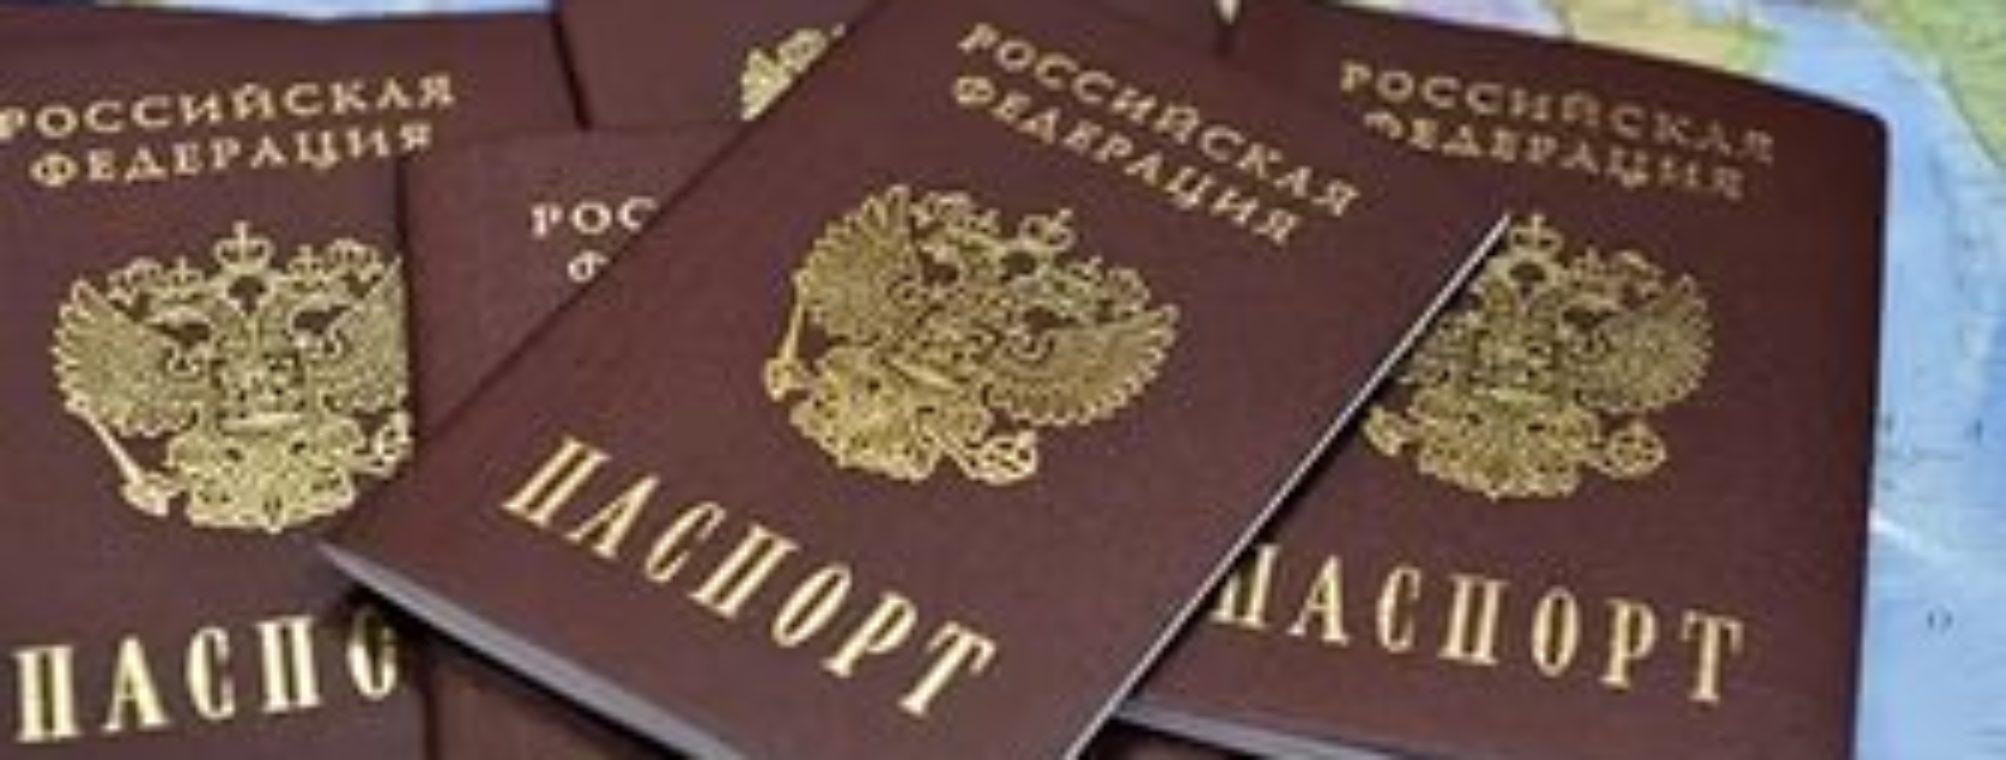 Как получить гражданство рф после внж быстро